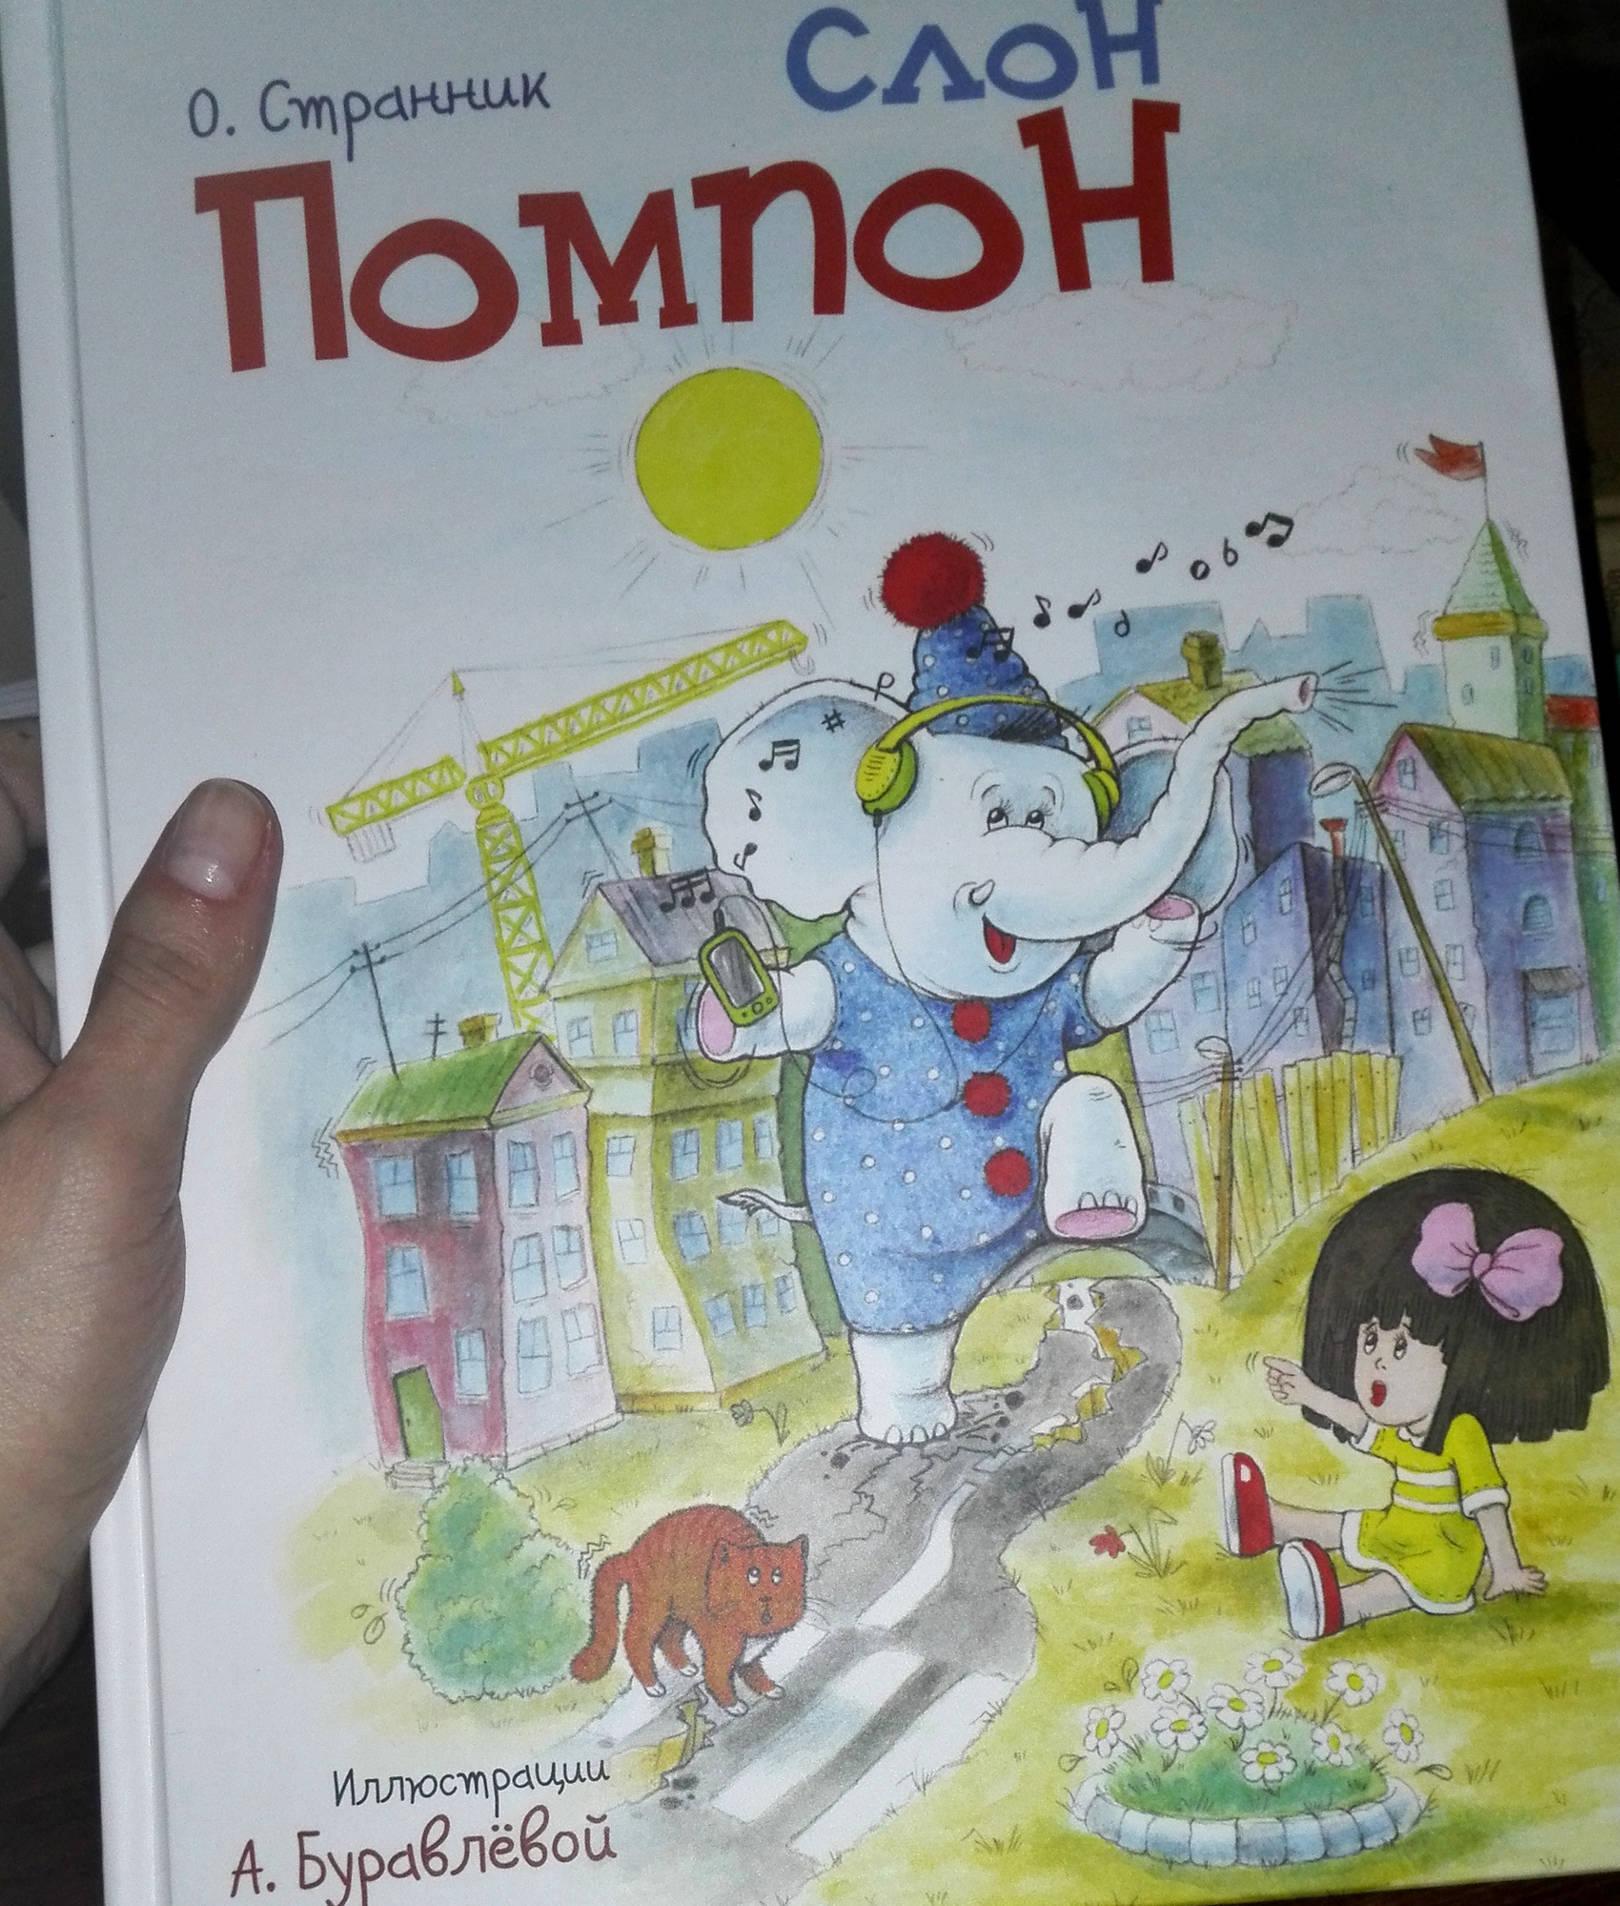 """Обложка книги """"Слон Помпон"""""""